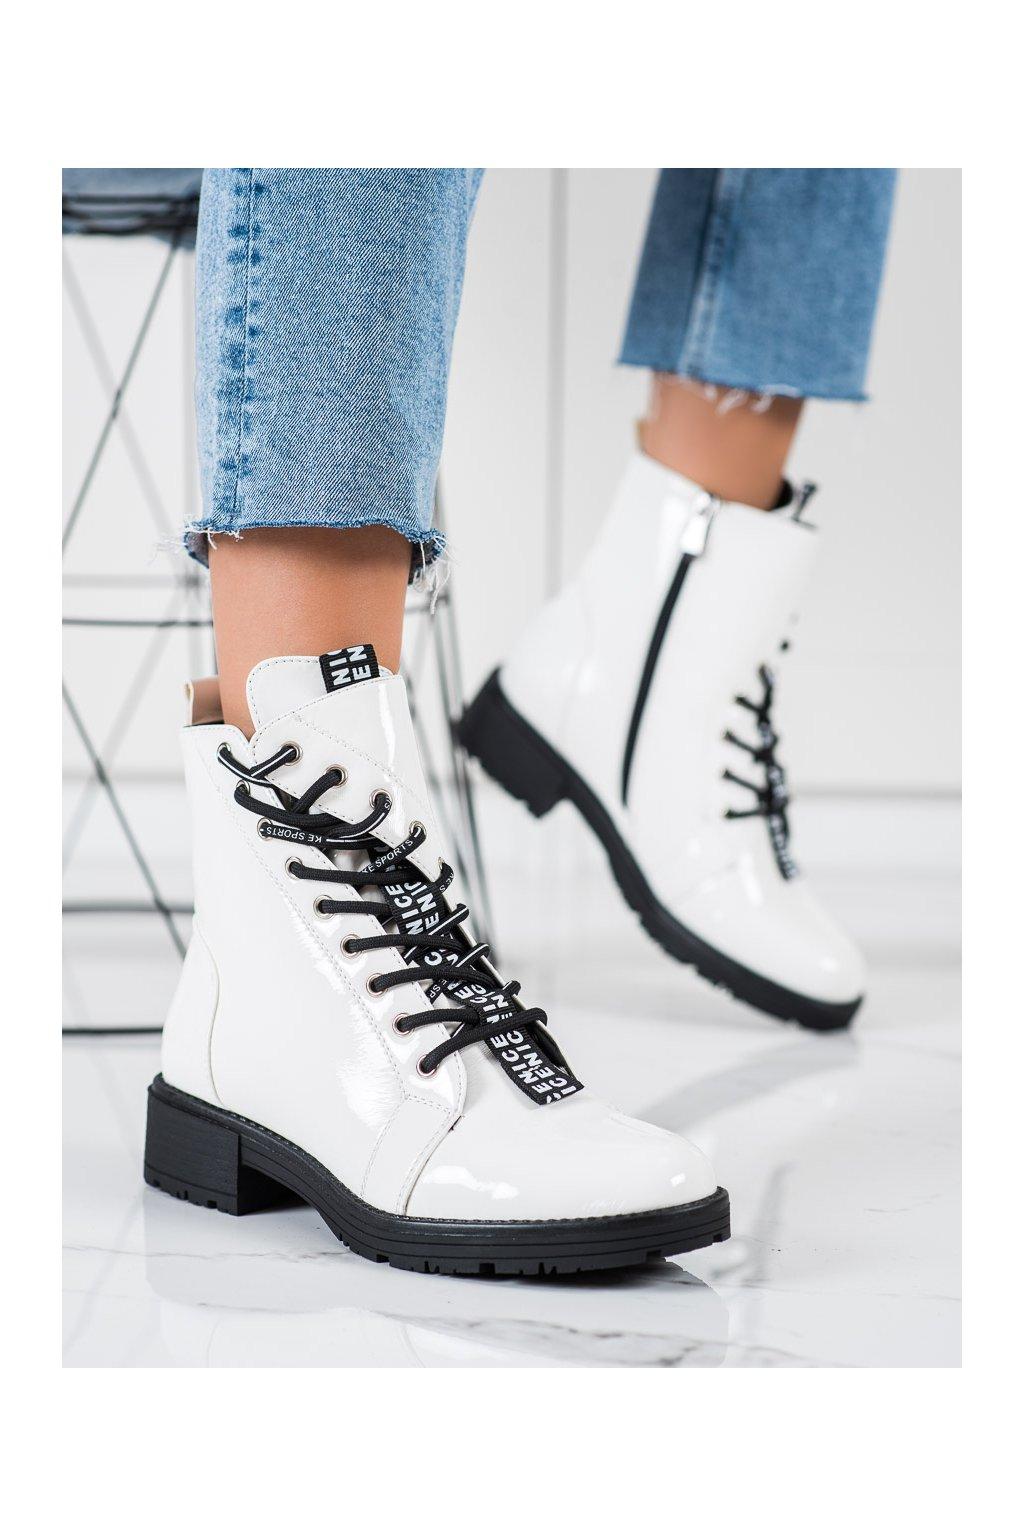 Biele dámske topánky Vinceza kod XY22-10644W